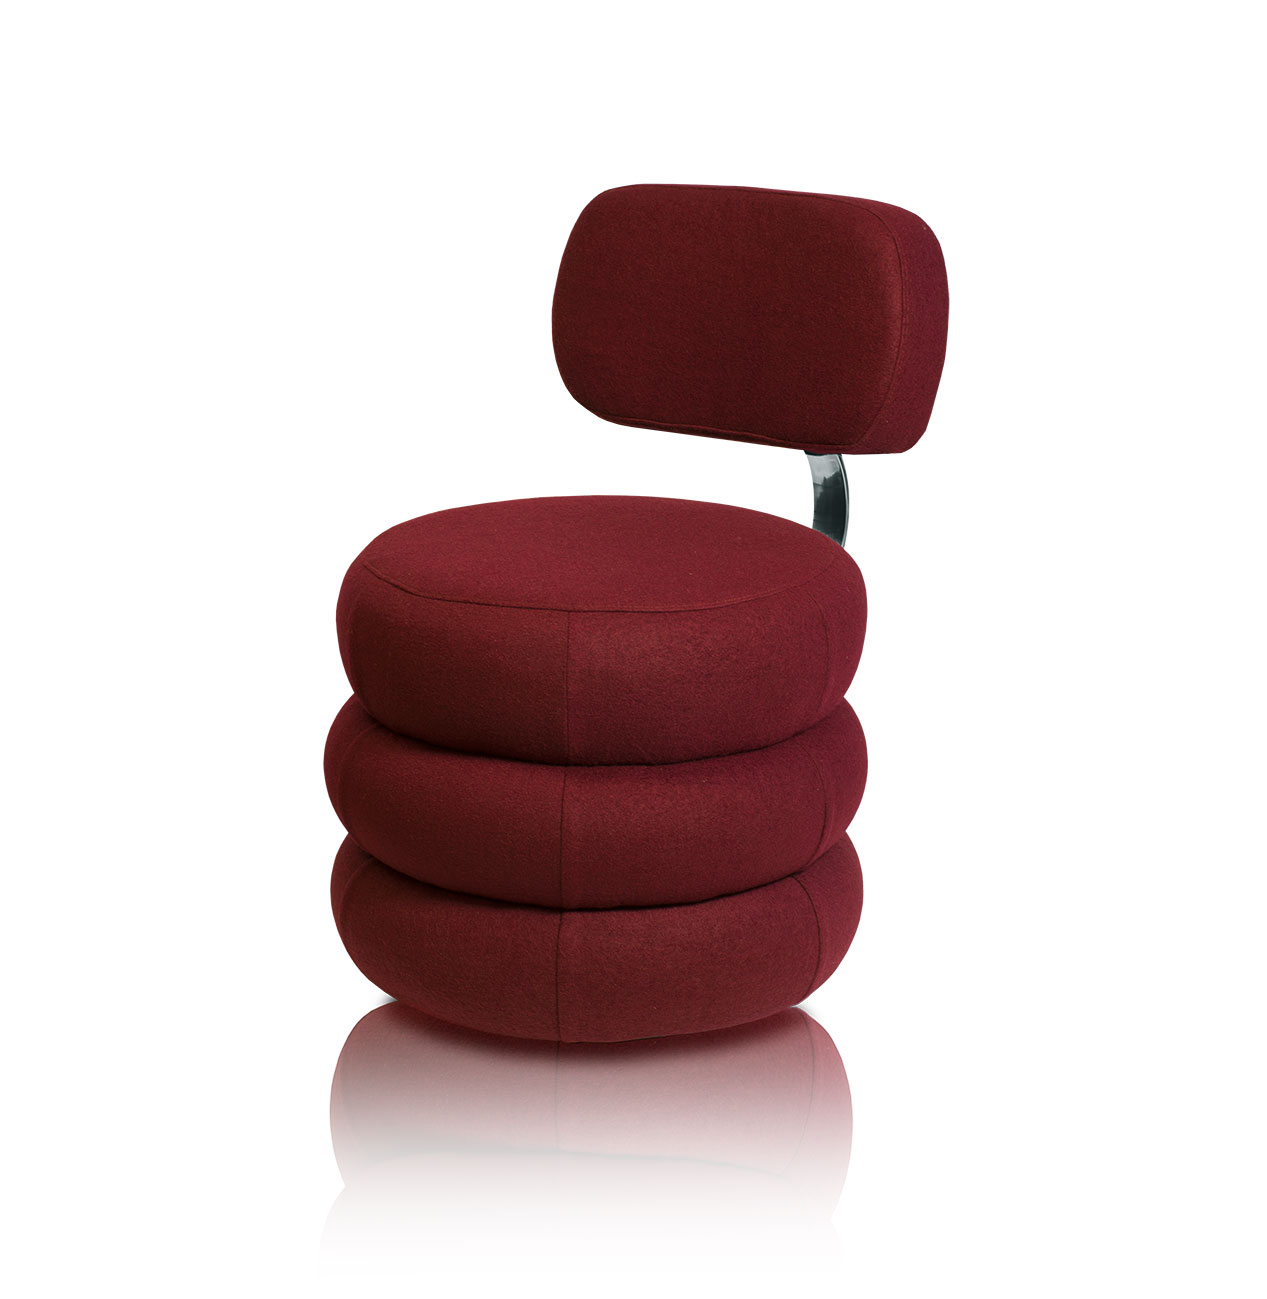 Ausgefallener kreisrunder esstisch stuhl lounge sessel mit for Bequemer sessel